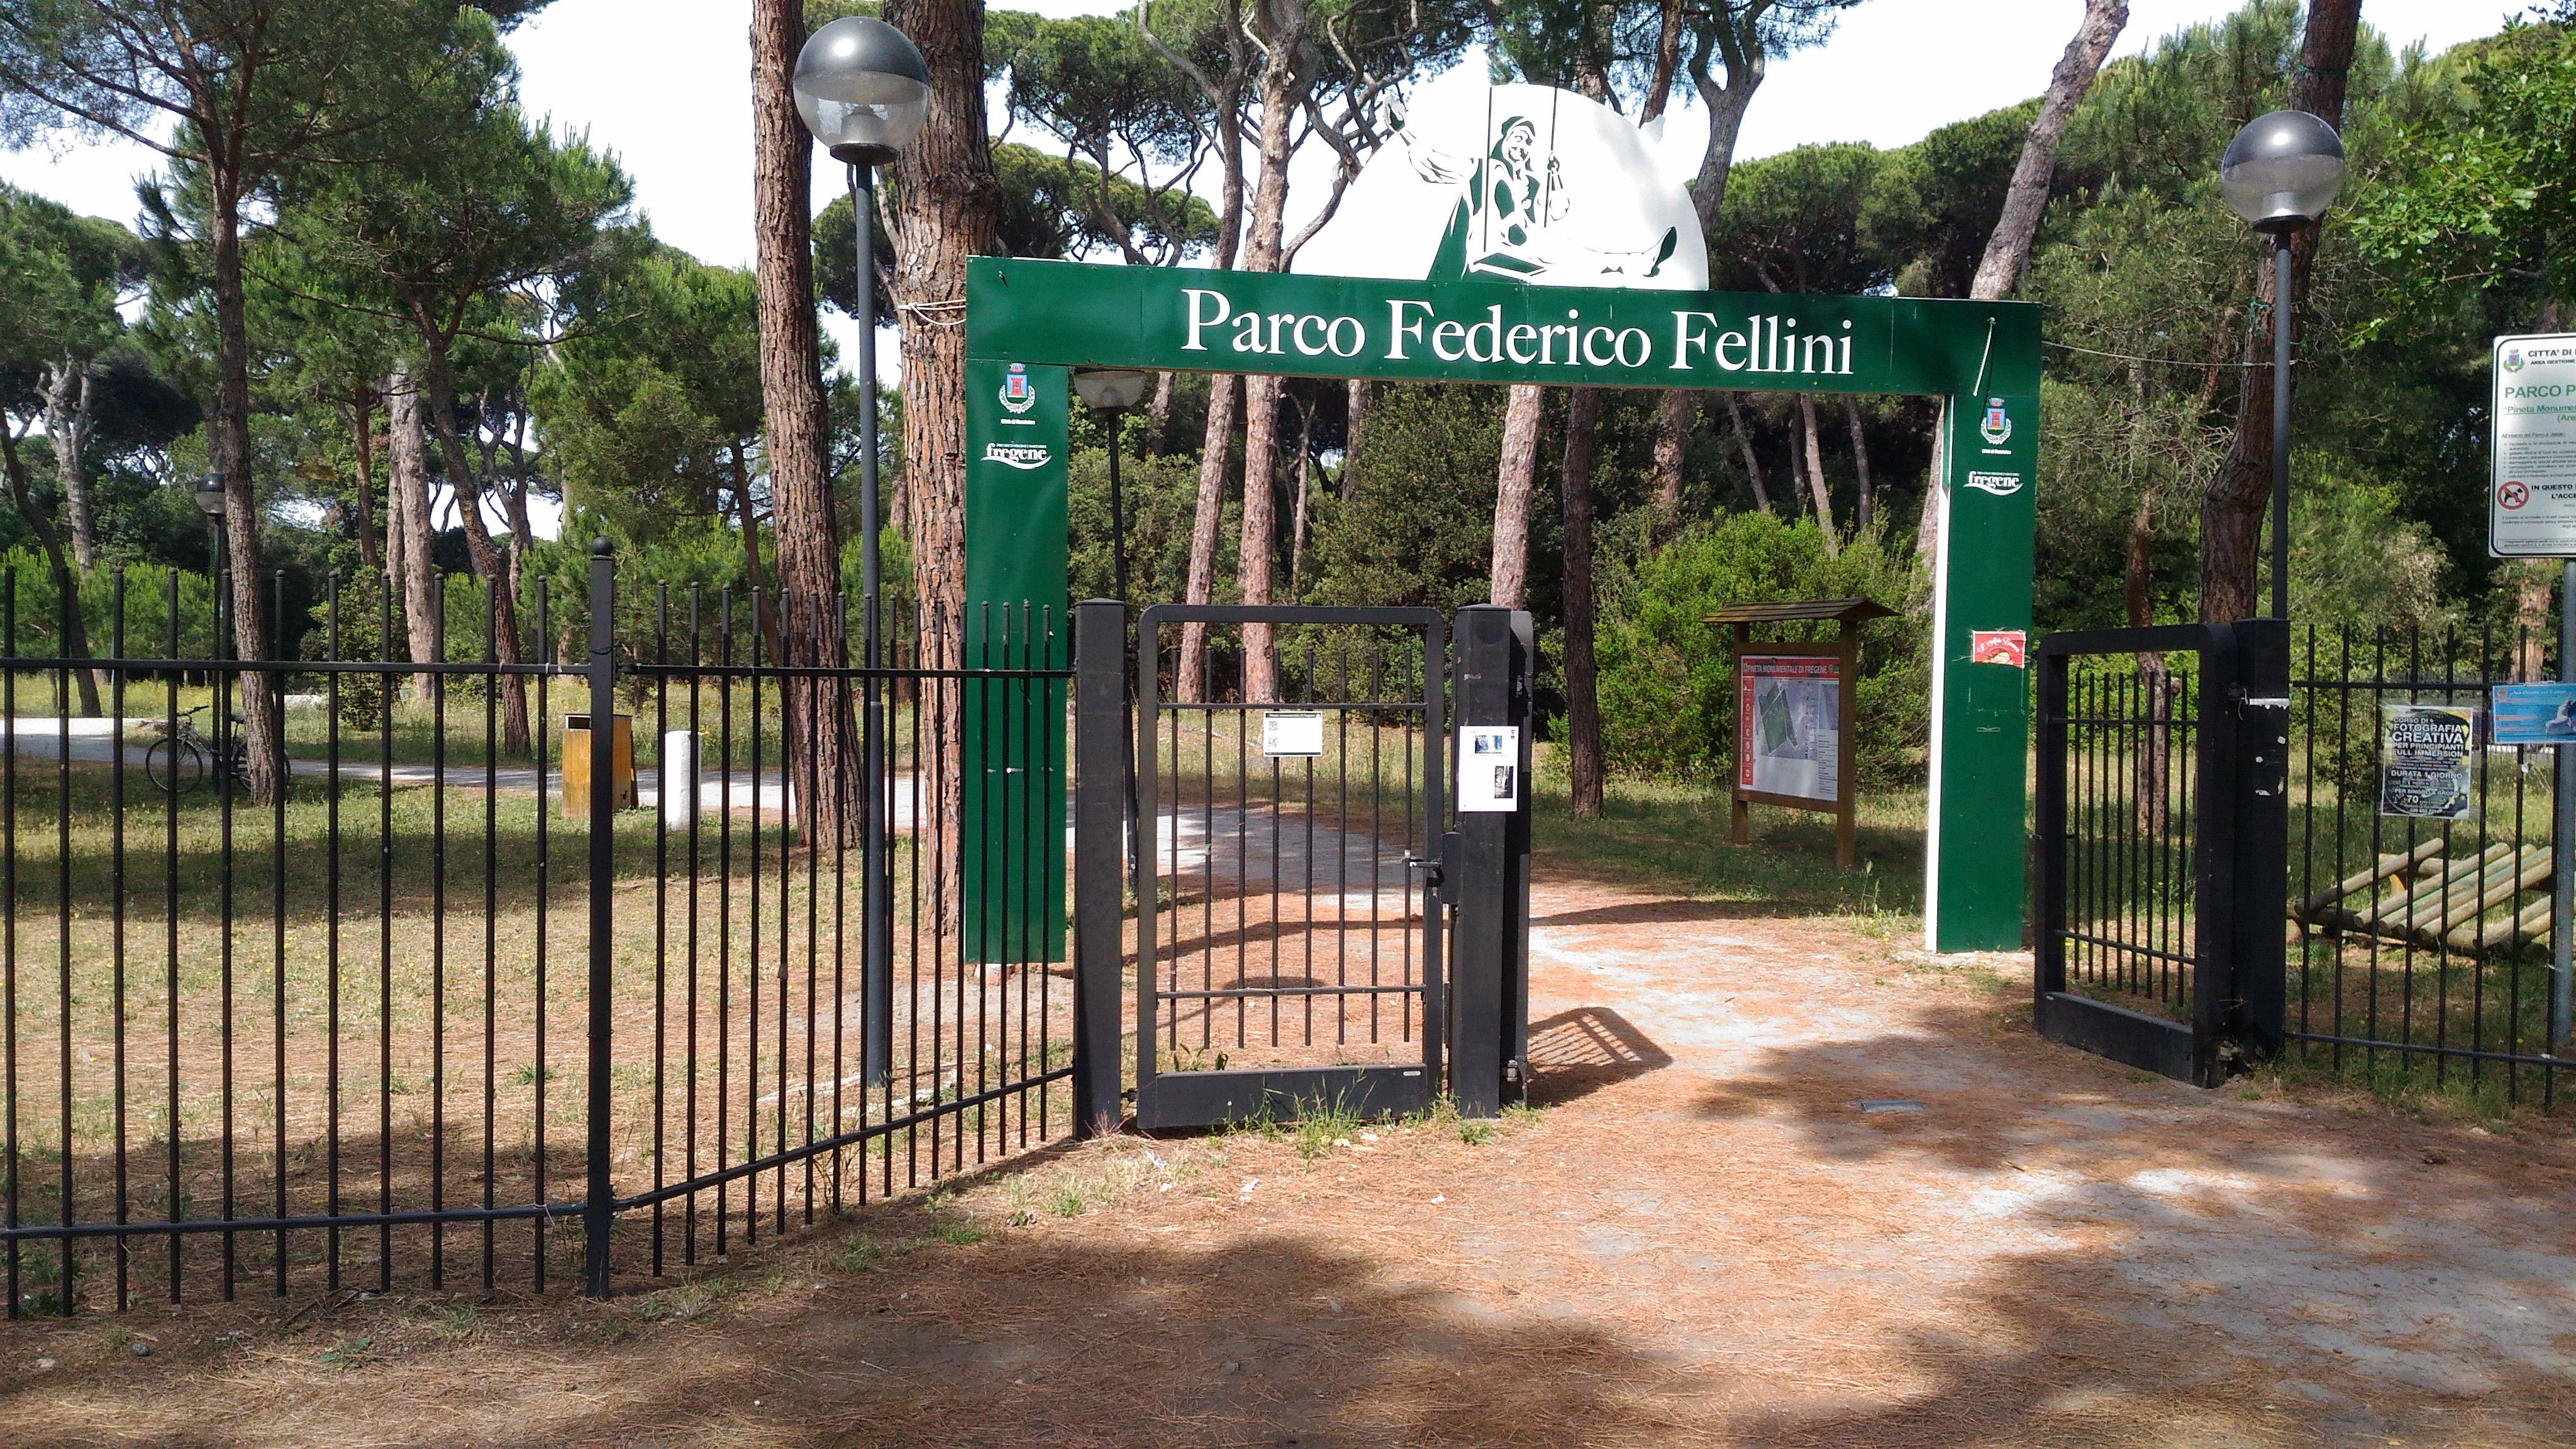 Openmuseum fiumicino diventa un museo a cielo aperto visit fiumicino fandeluxe Gallery